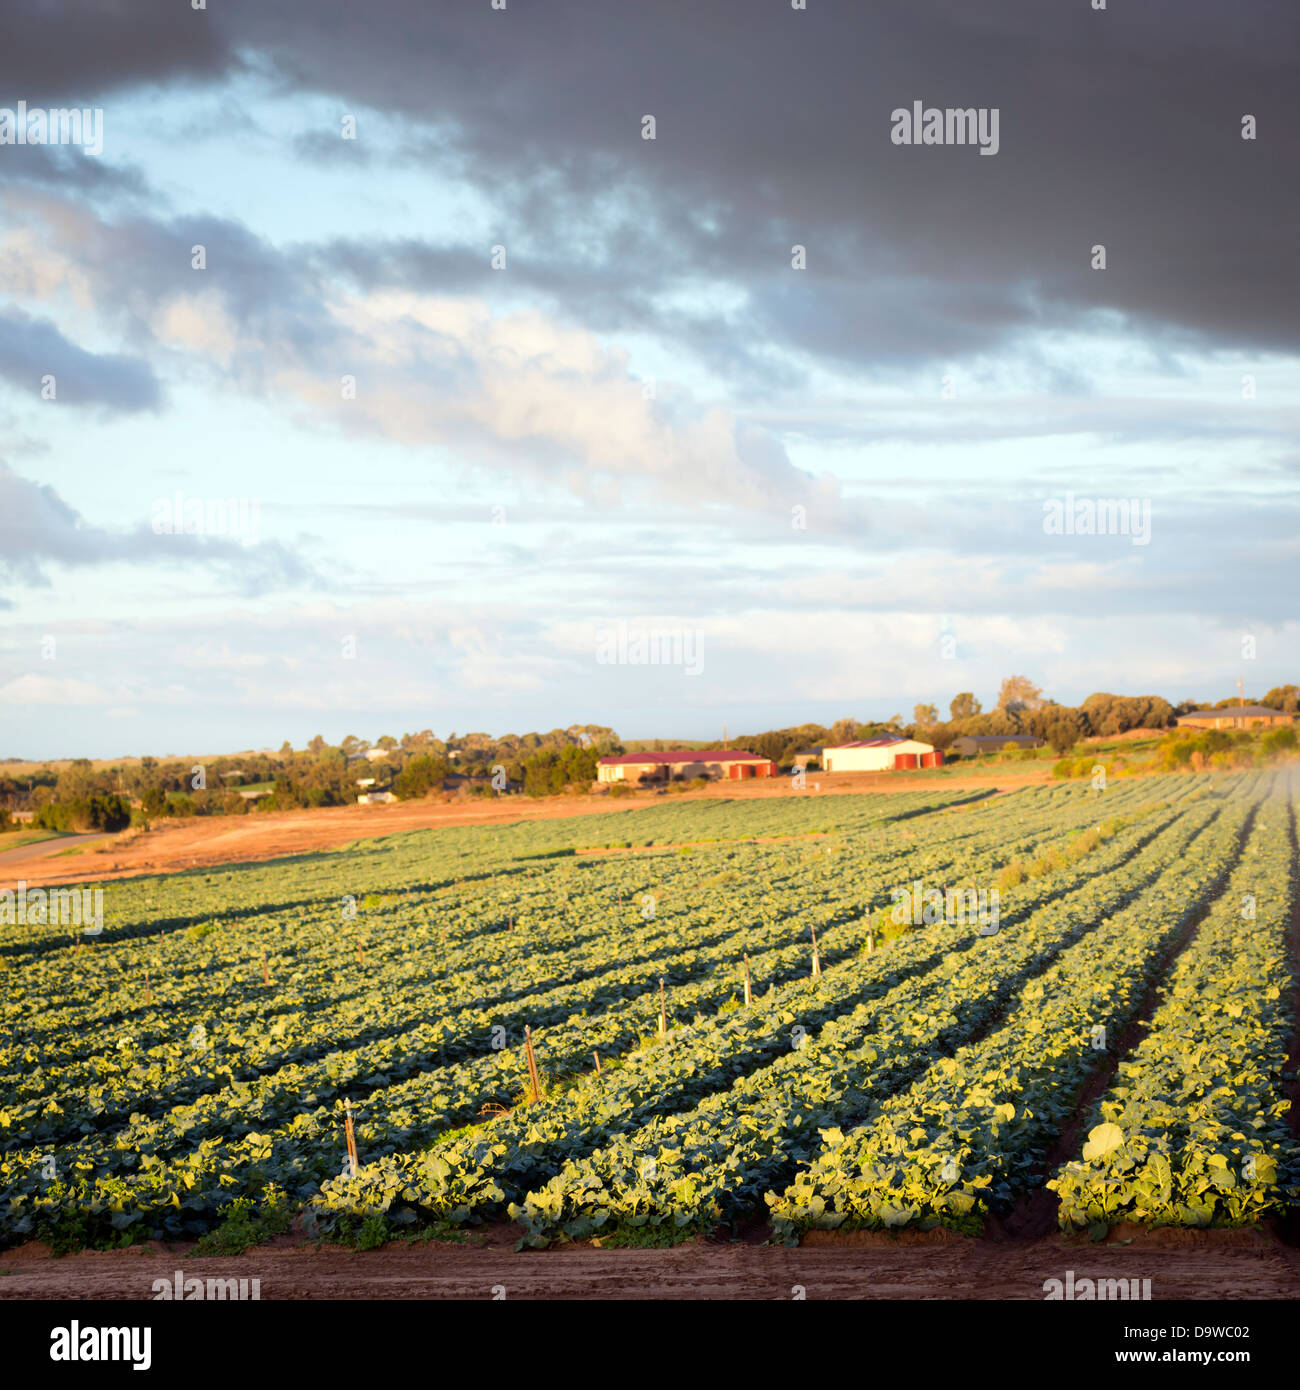 Fresh green lettuce growing in rows in a lettuce farm Stock Photo